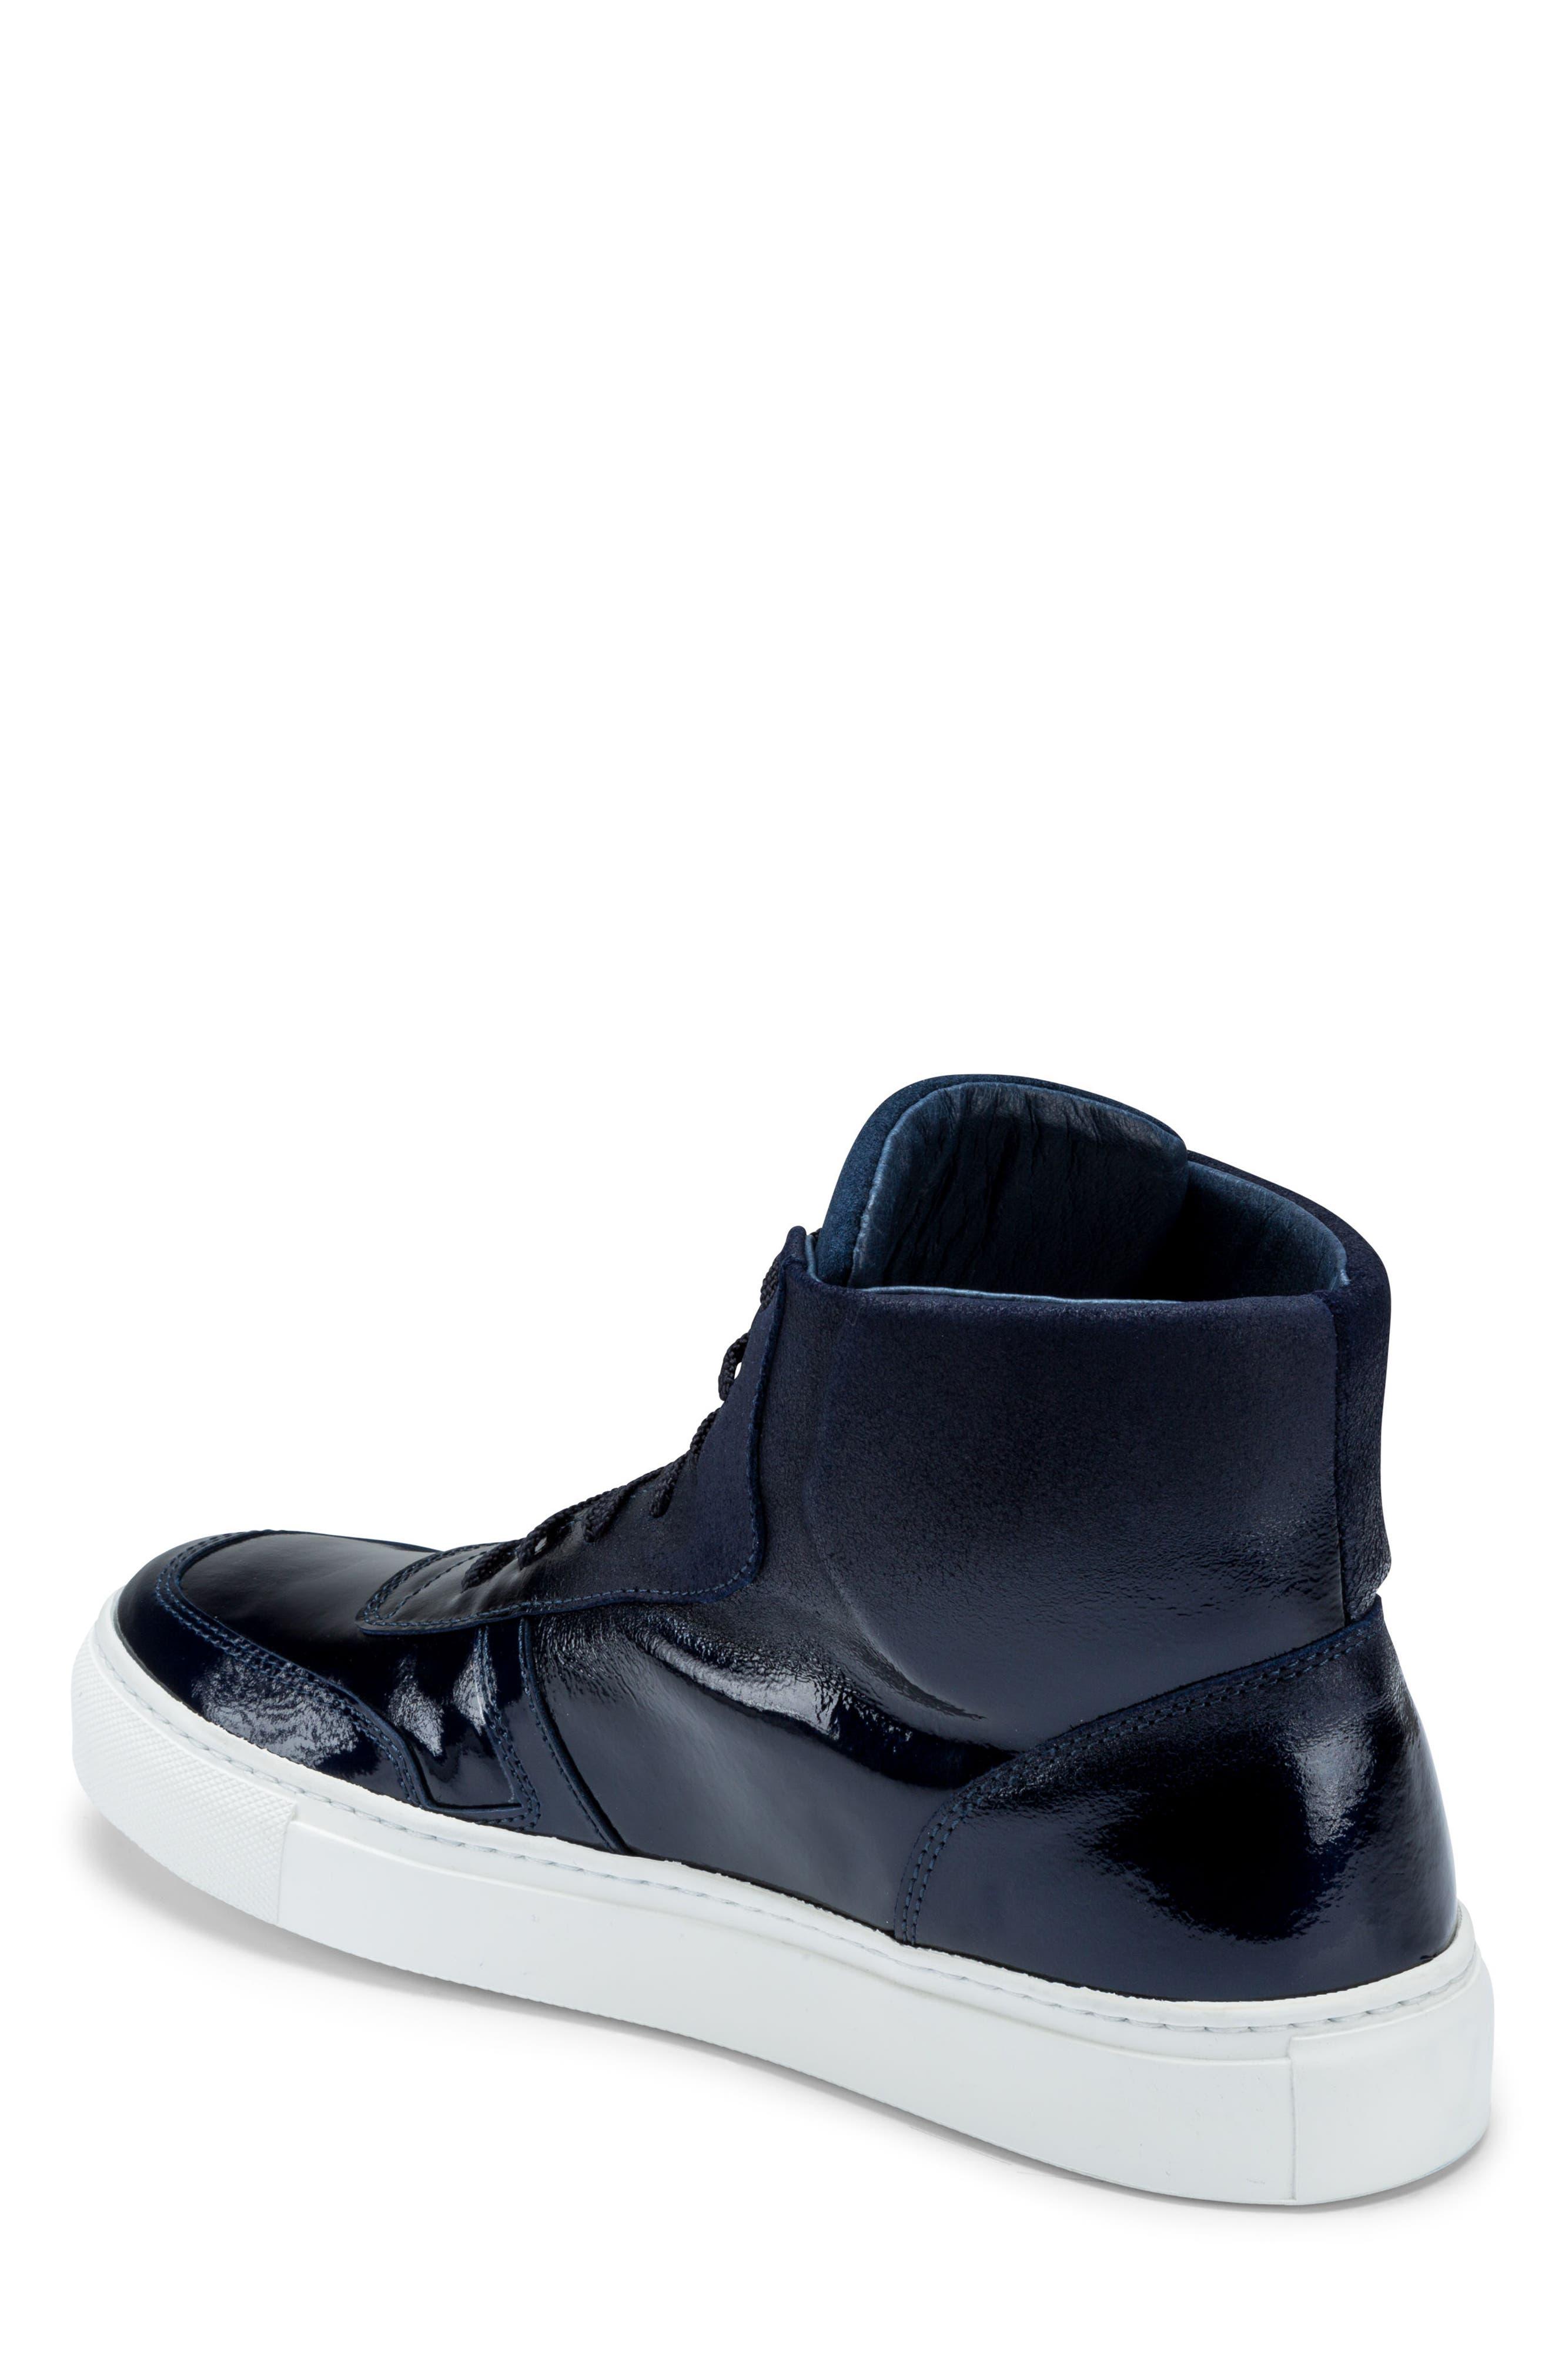 Pistoia Sneaker,                             Alternate thumbnail 2, color,                             429